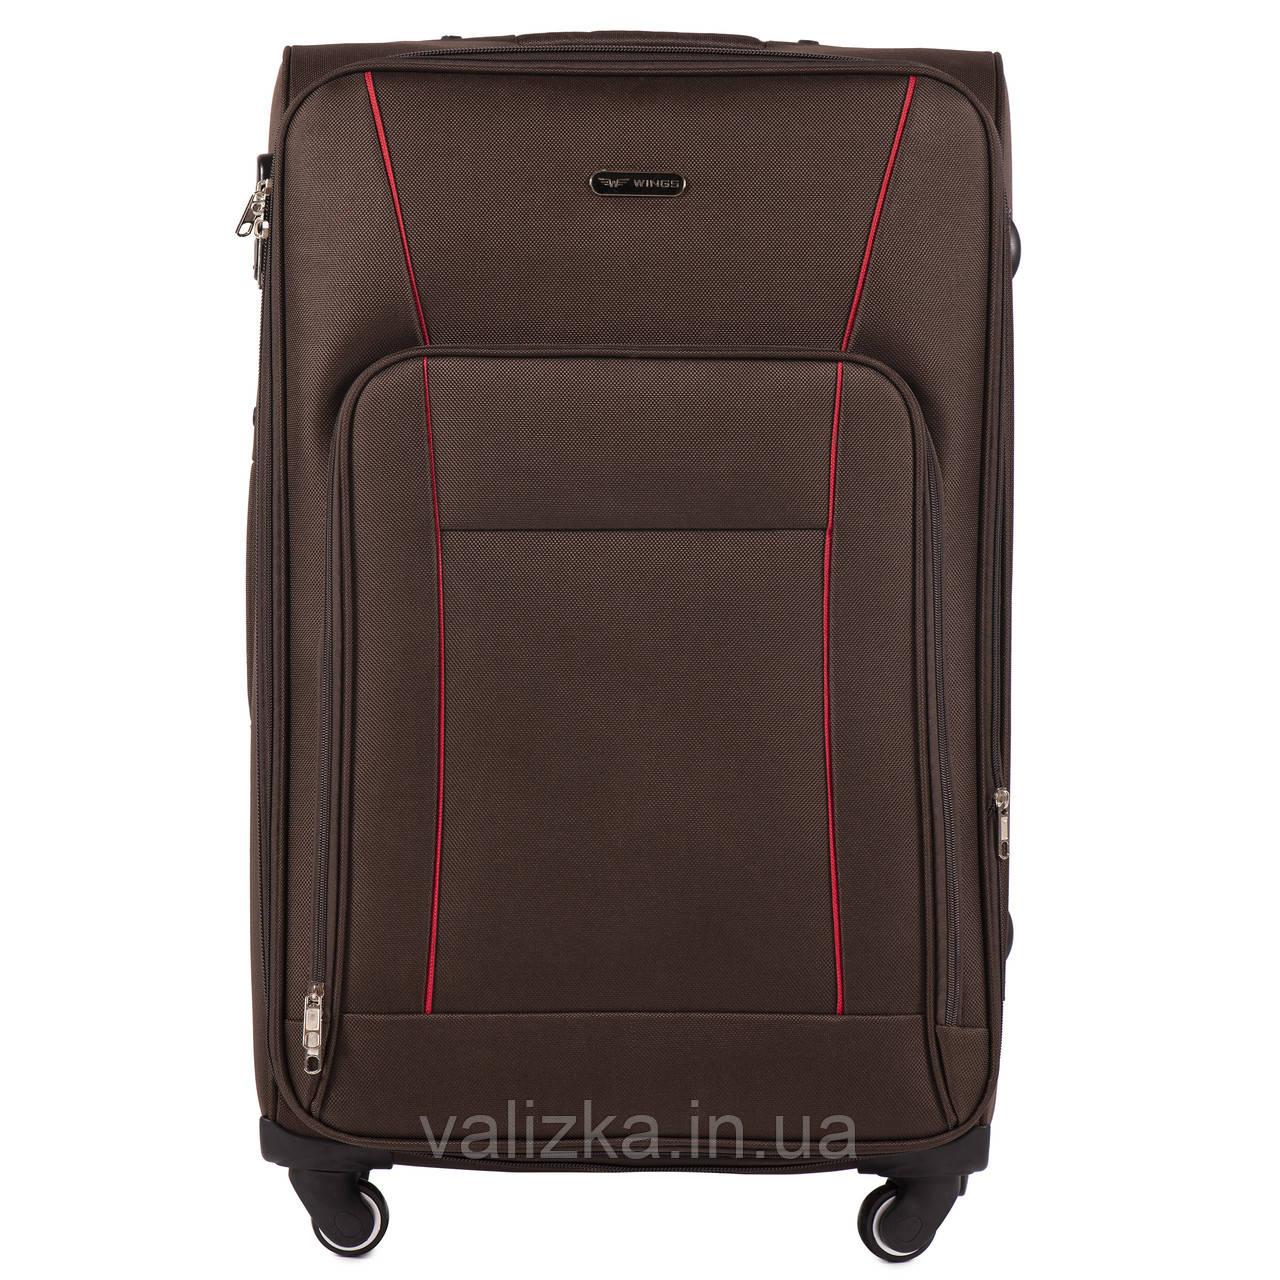 Большой тканевый чемодан коричневый на 4-х колесах Wings 1609